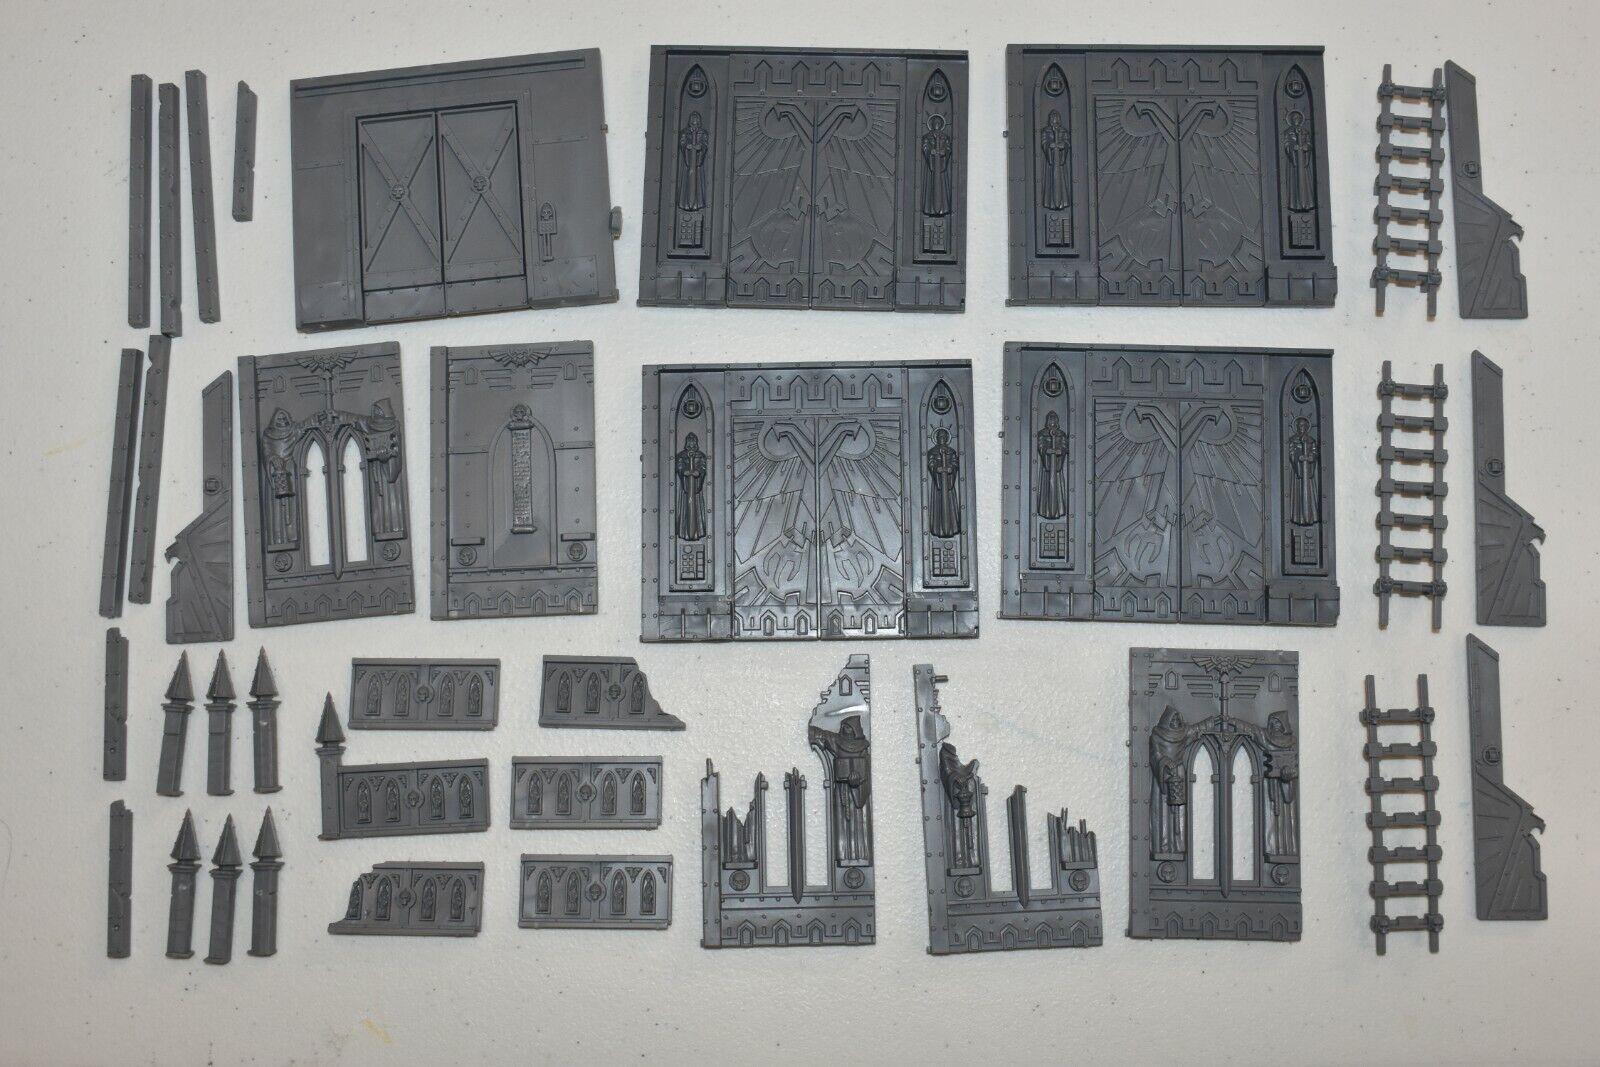 Imperial Sanctum Warhammer 40K Scenery Terrain Ruins Parts Doors oop AILZ